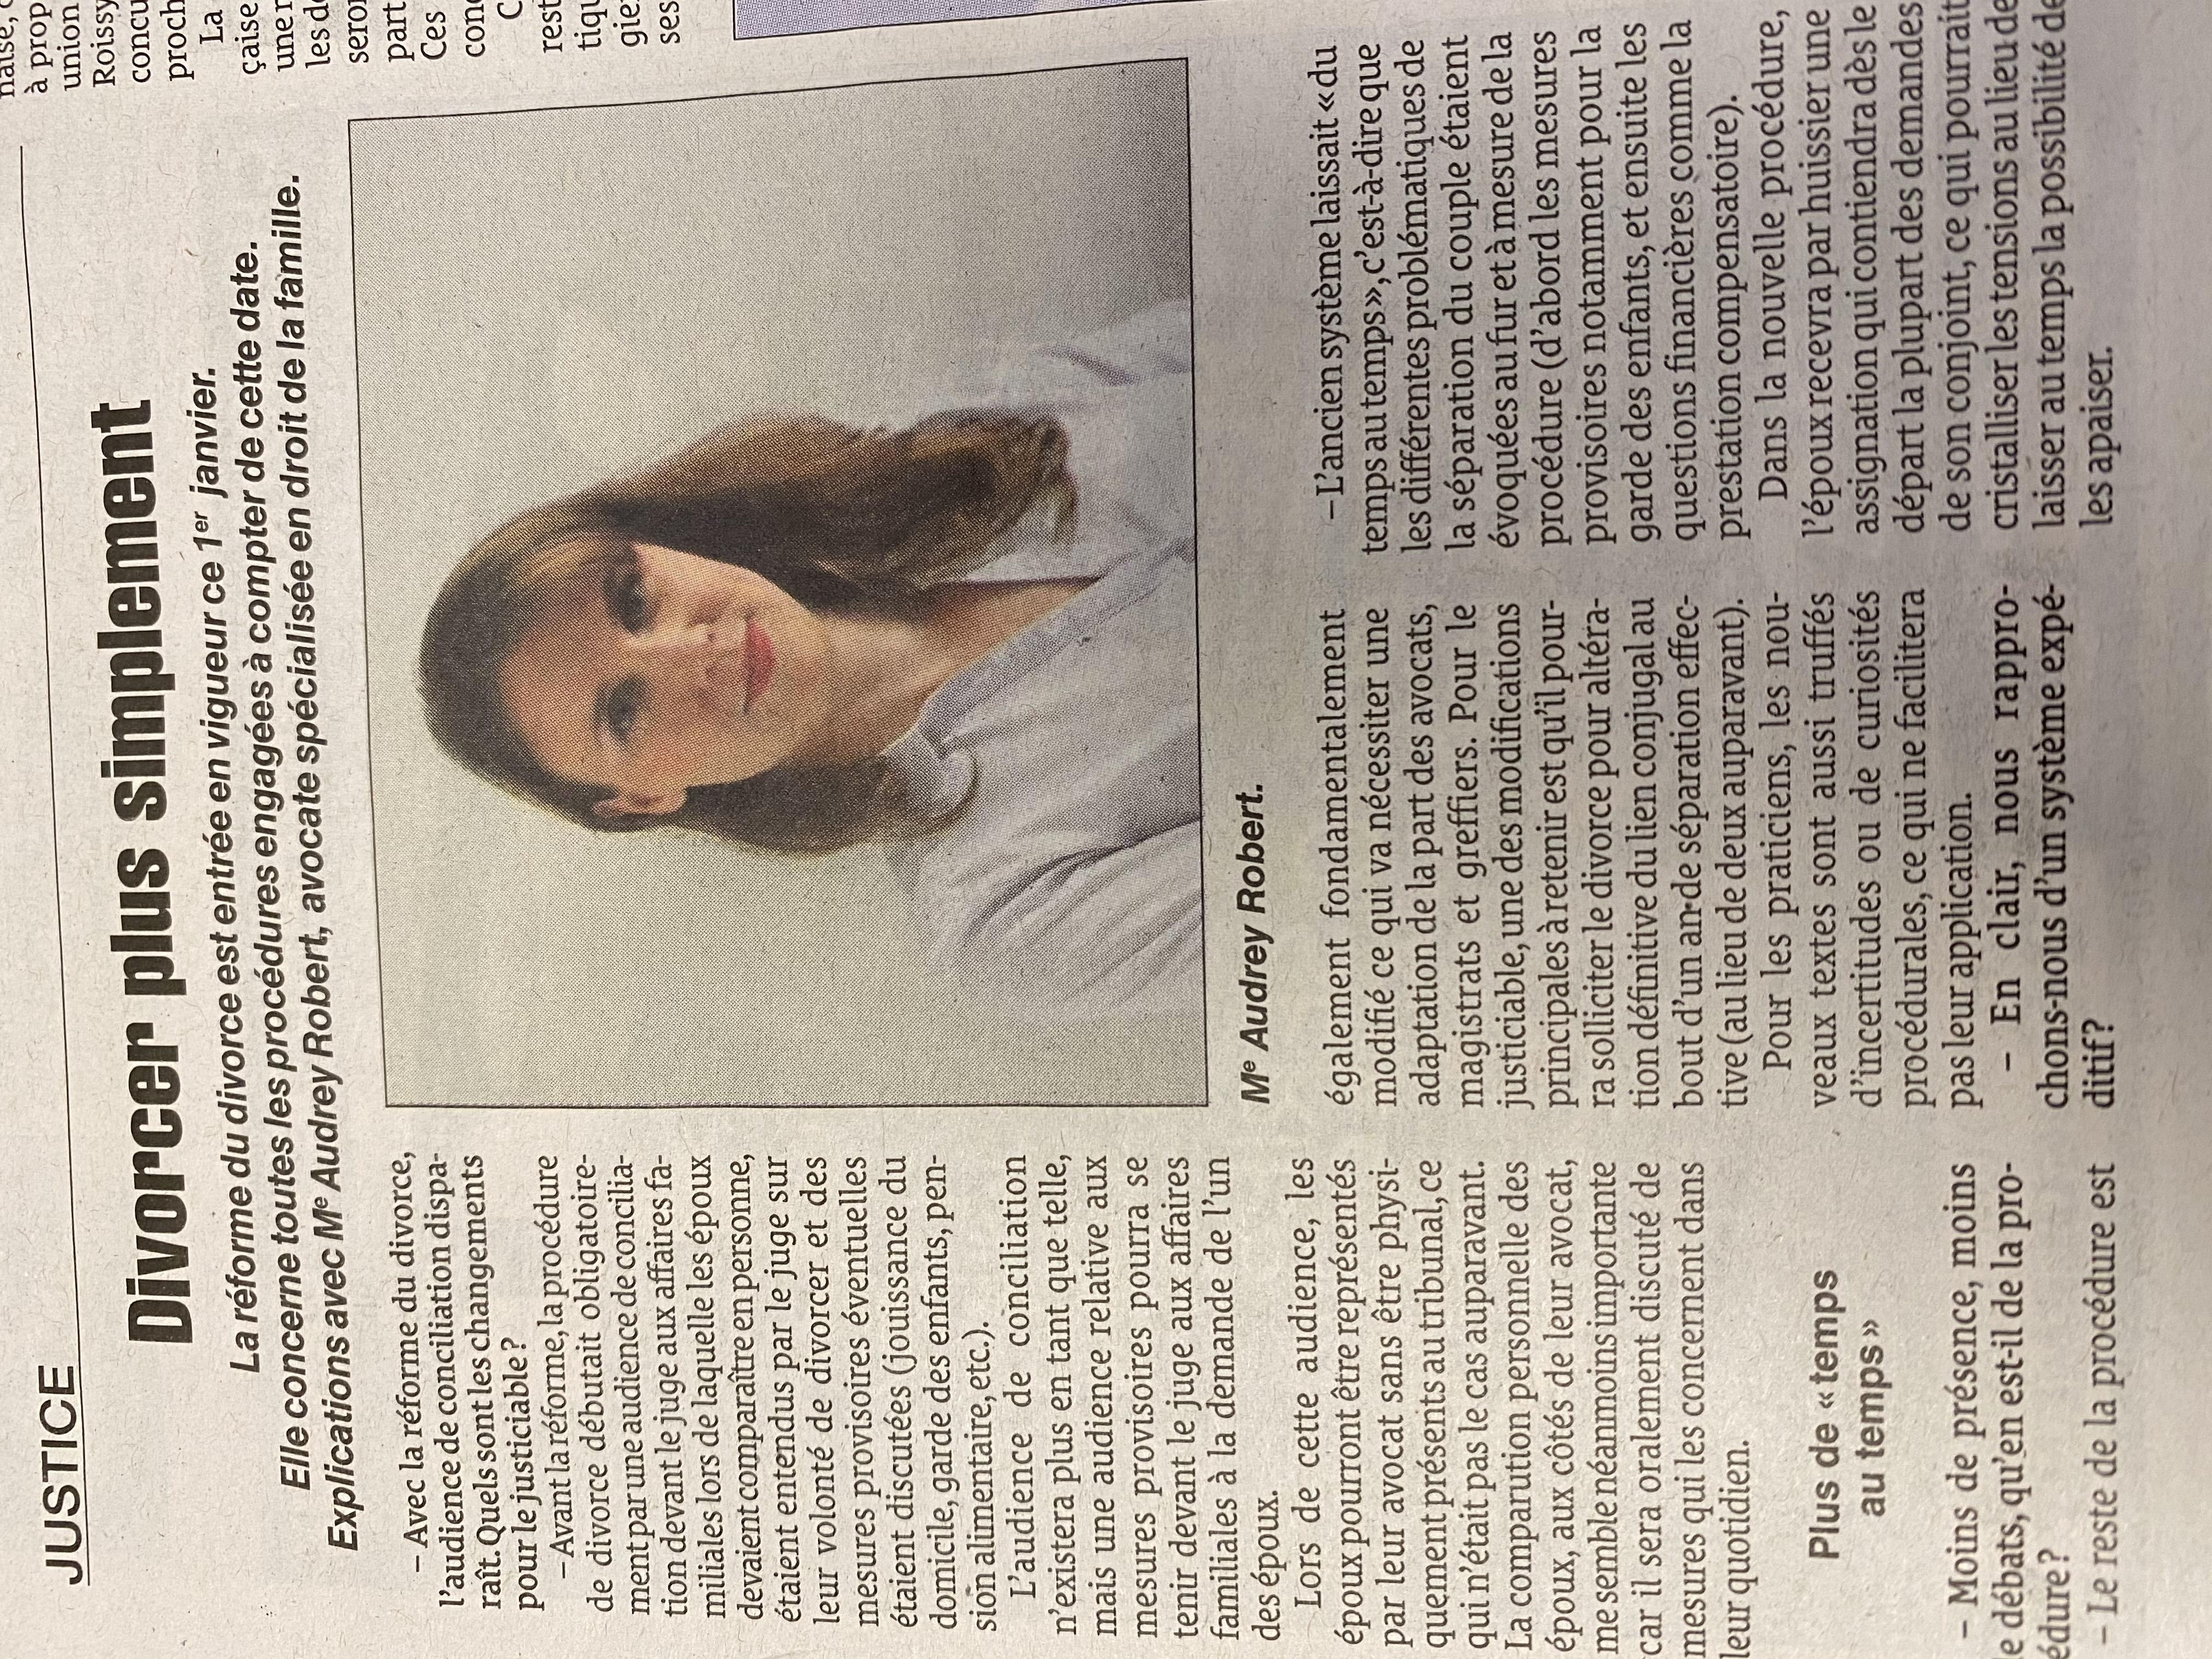 La réforme du divorce 2021 / Interview Le Quotidien de la Réunion